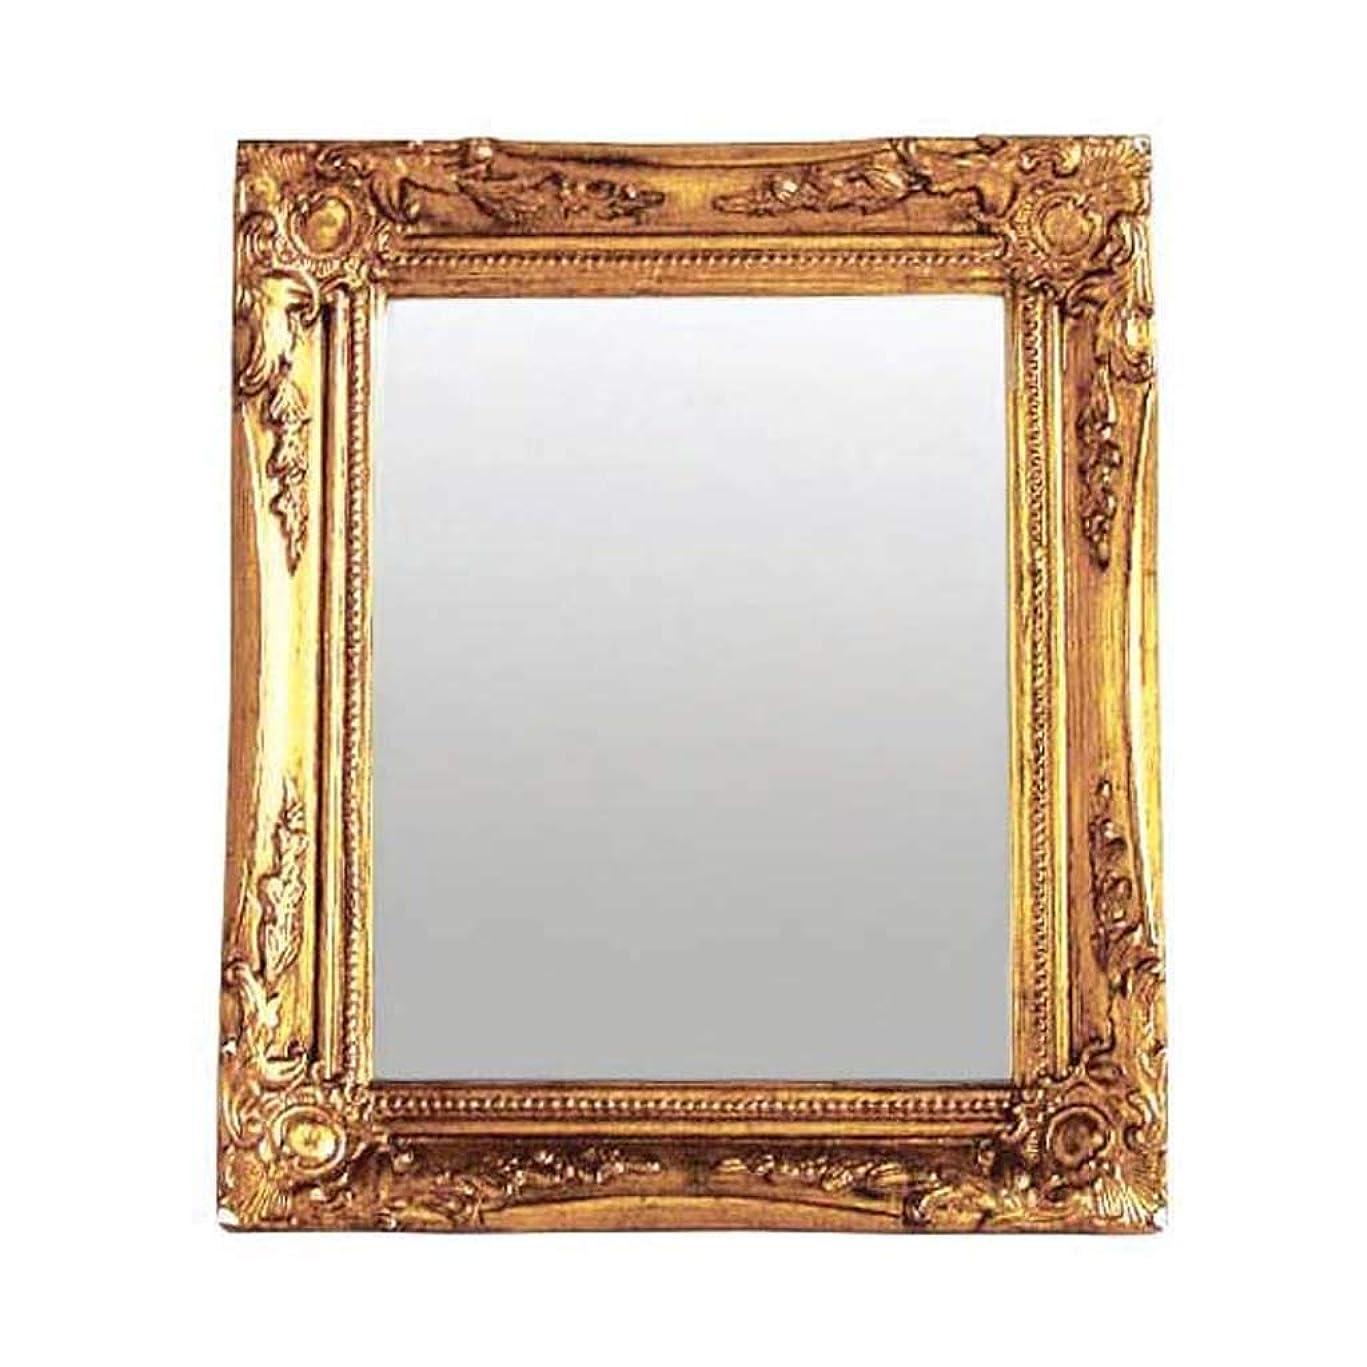 服を片付ける劣る復讐SPICE OF LIFE 鏡 額縁 アンティークスタイルミラー ANCIENT ゴールド Sサイズ 28×33.5cm SQM801SGD